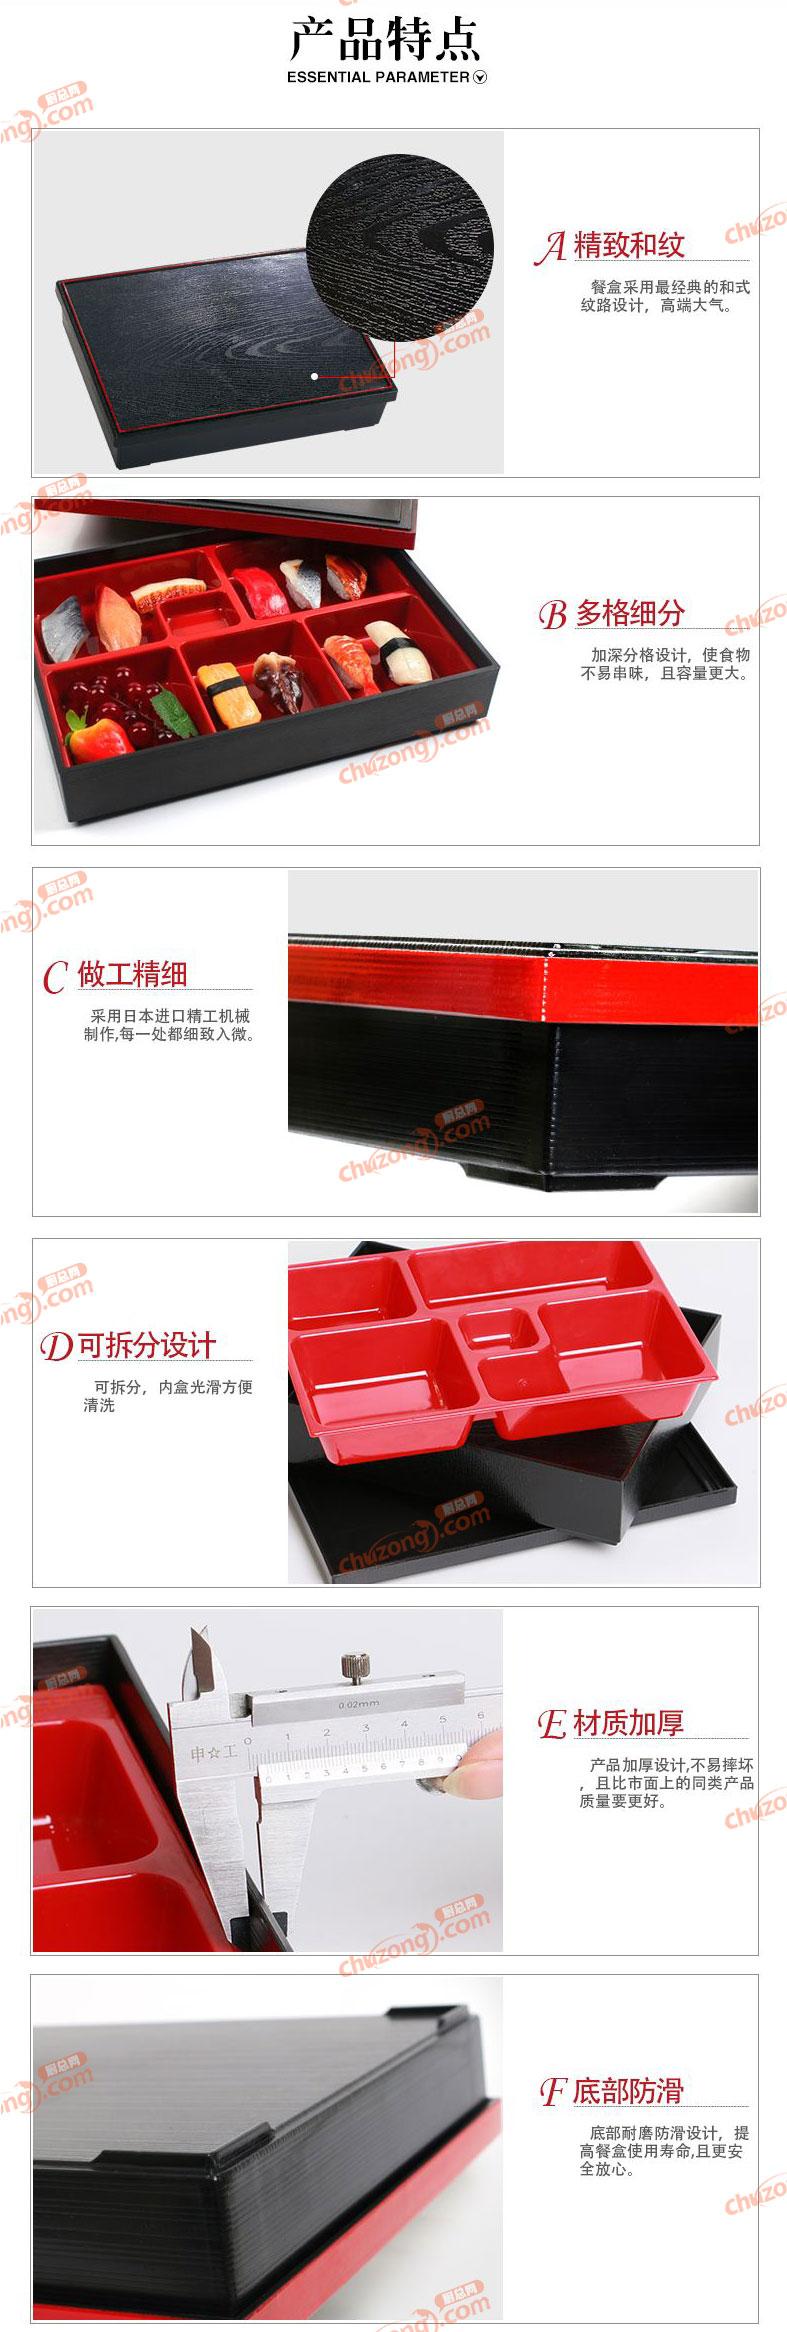 双剑快餐盒图片